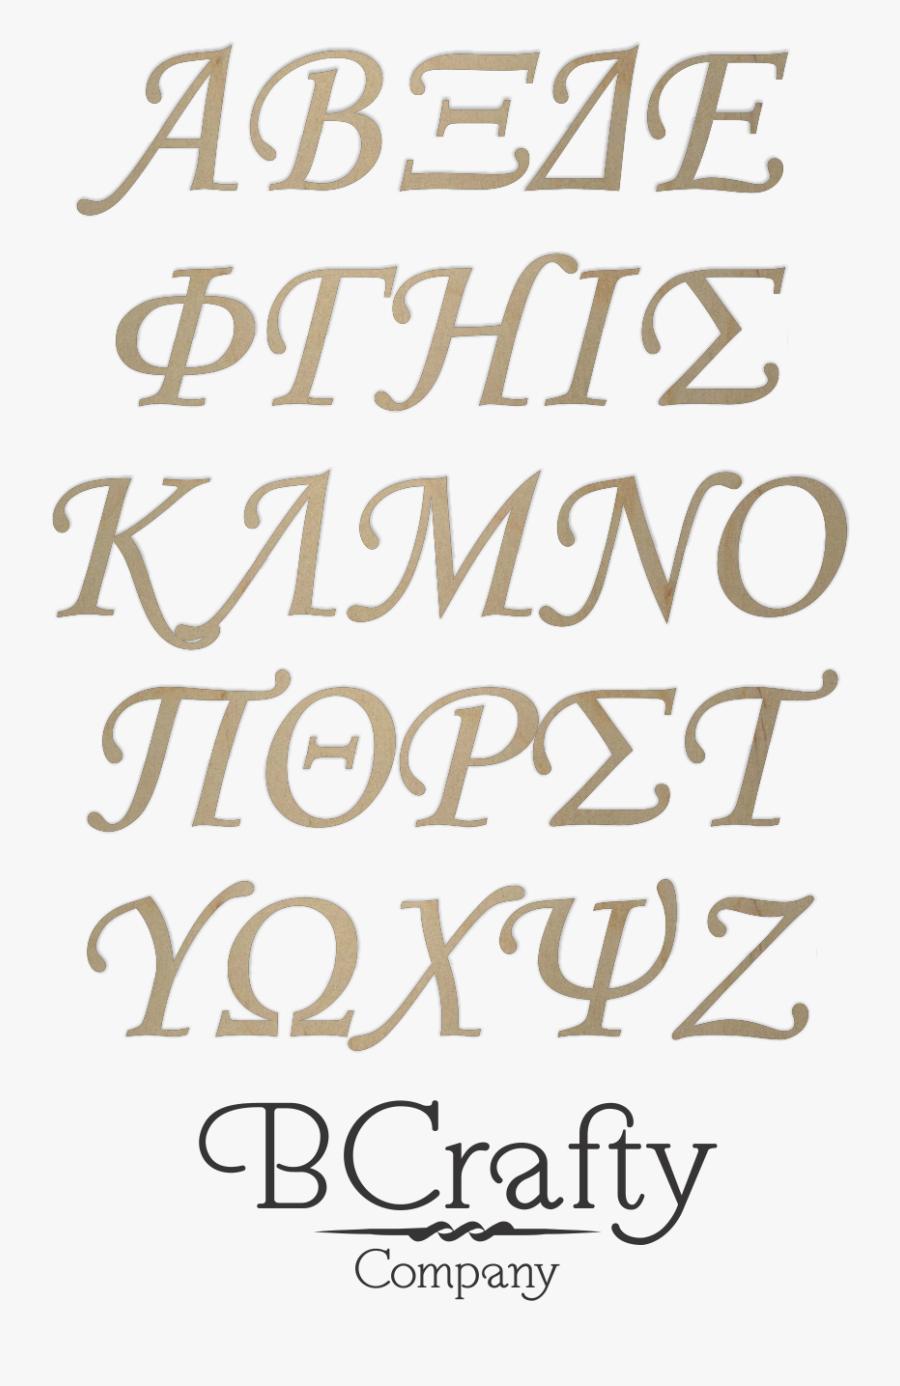 Transparent Greek Letters Clipart - Monotype Corsiva Font Greek, Transparent Clipart